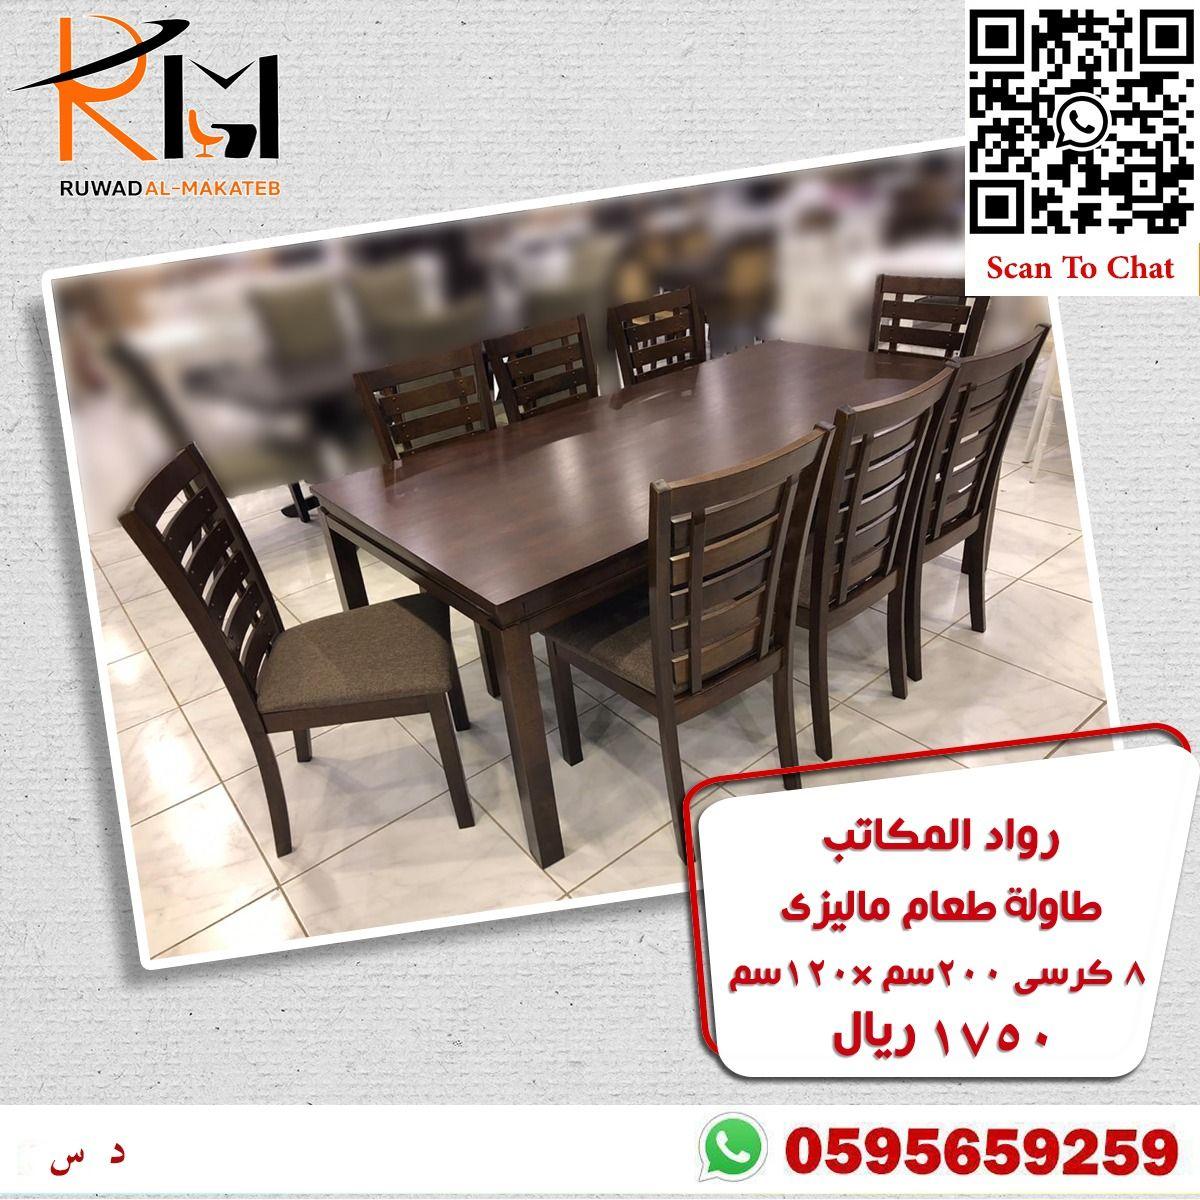 طاولة طعام بني ٨ كراسي Home Decor Dining Chairs Decor